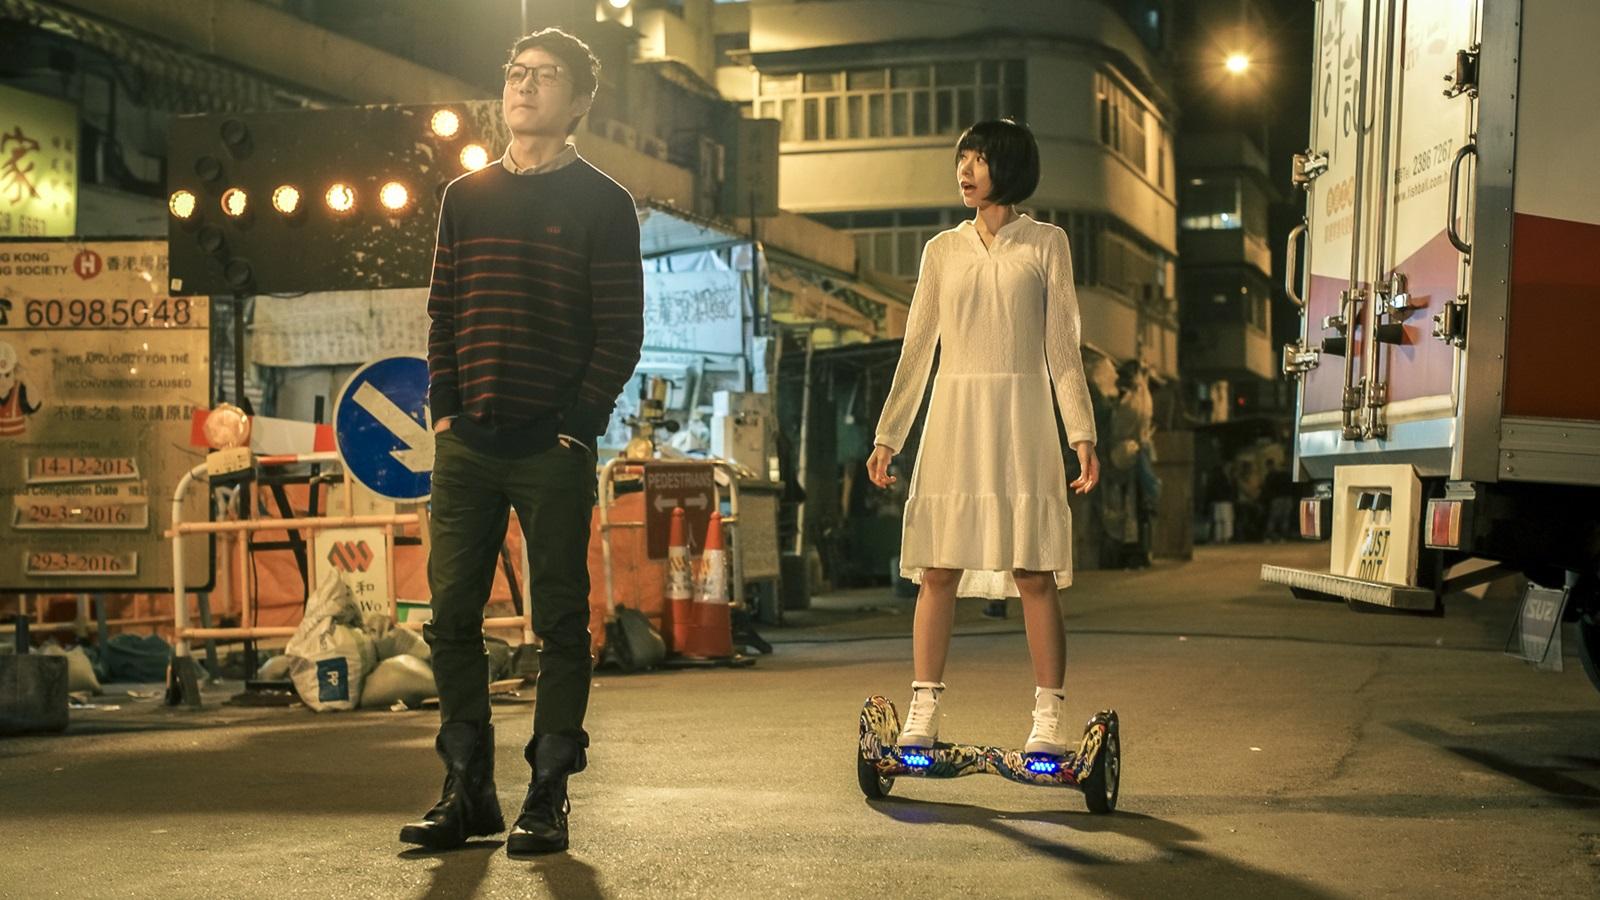 林明禎為戲勤練滑板車 卻不慎摔傷